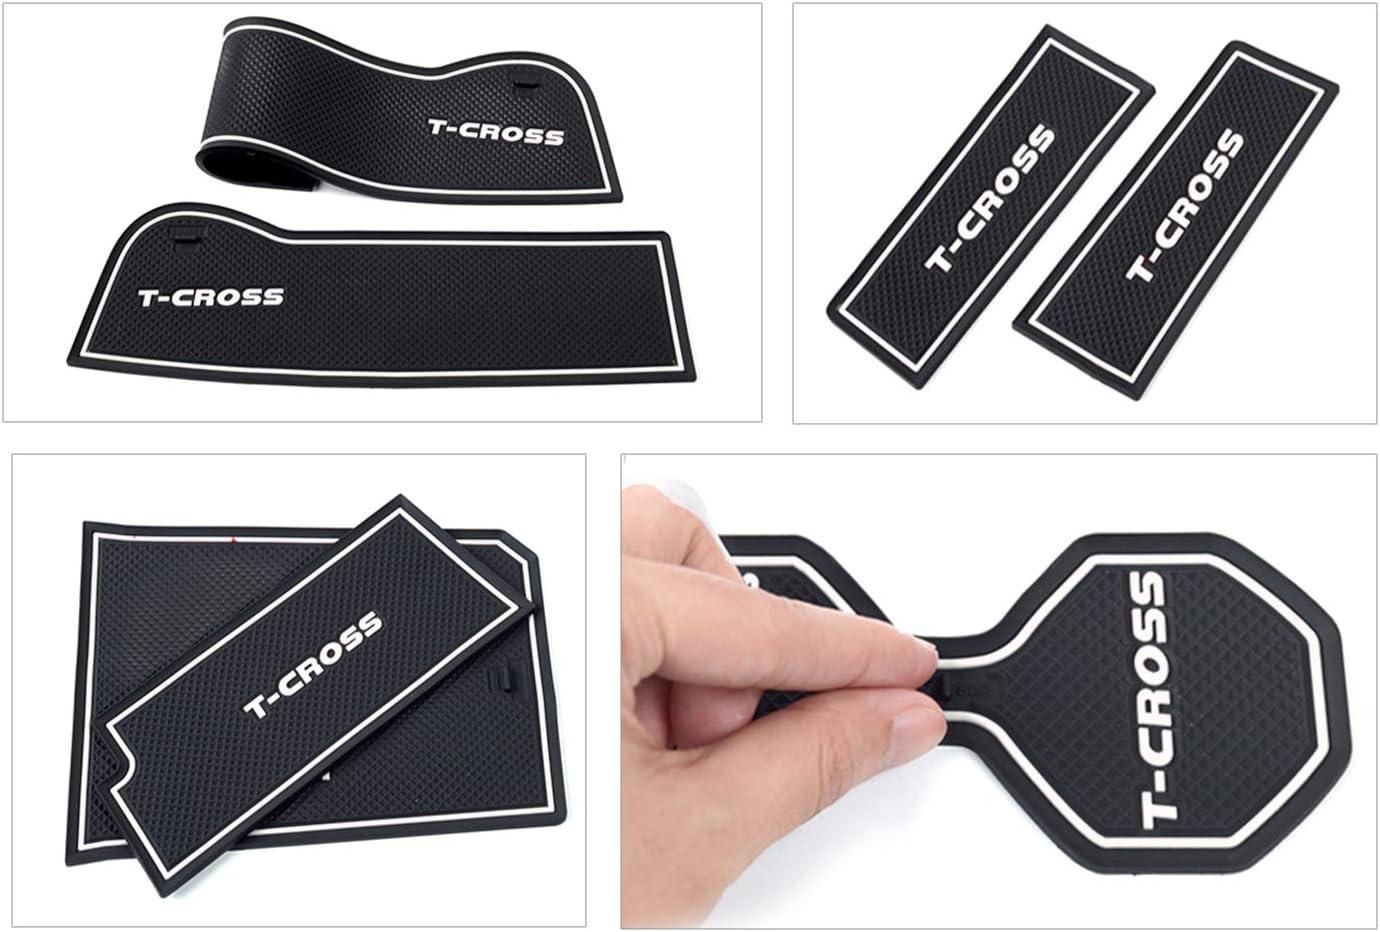 LFOTPP Non-Slip Mat for T-Cross Rubber Mat for Cup Holder Armrest Front Rear Door Pack of 13 White